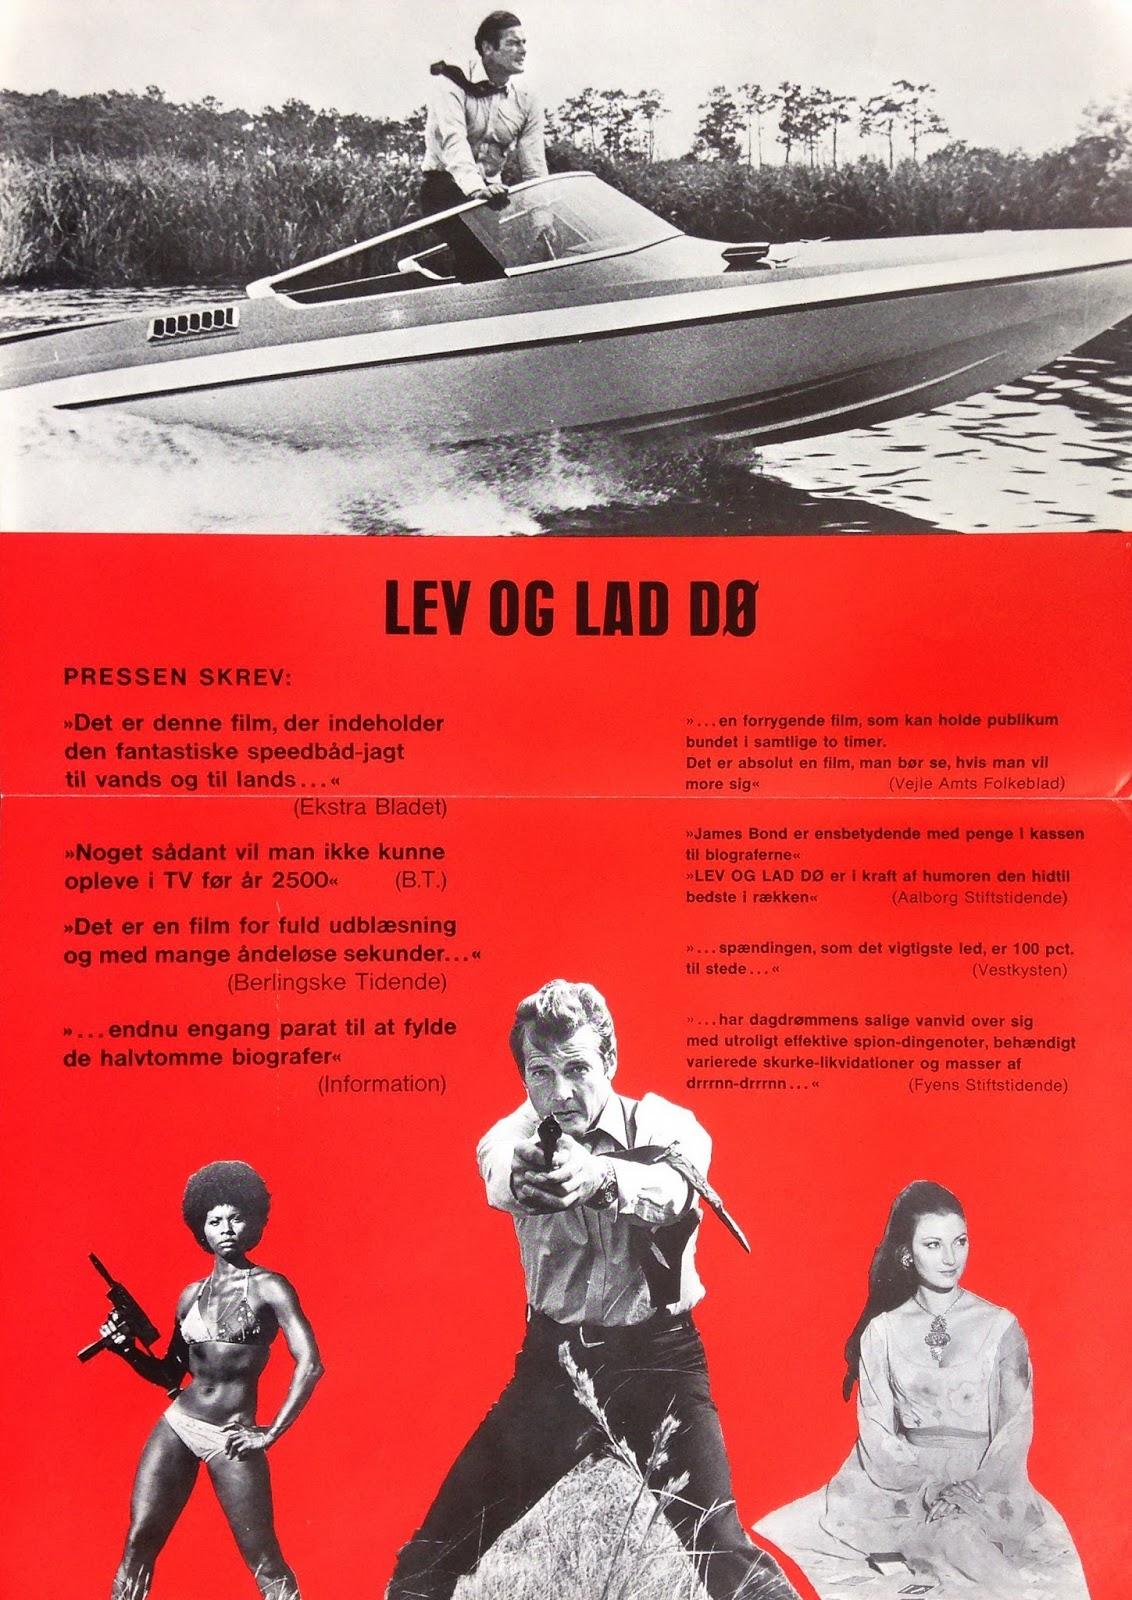 Lev og lad dø - DK pressemateriale 1B